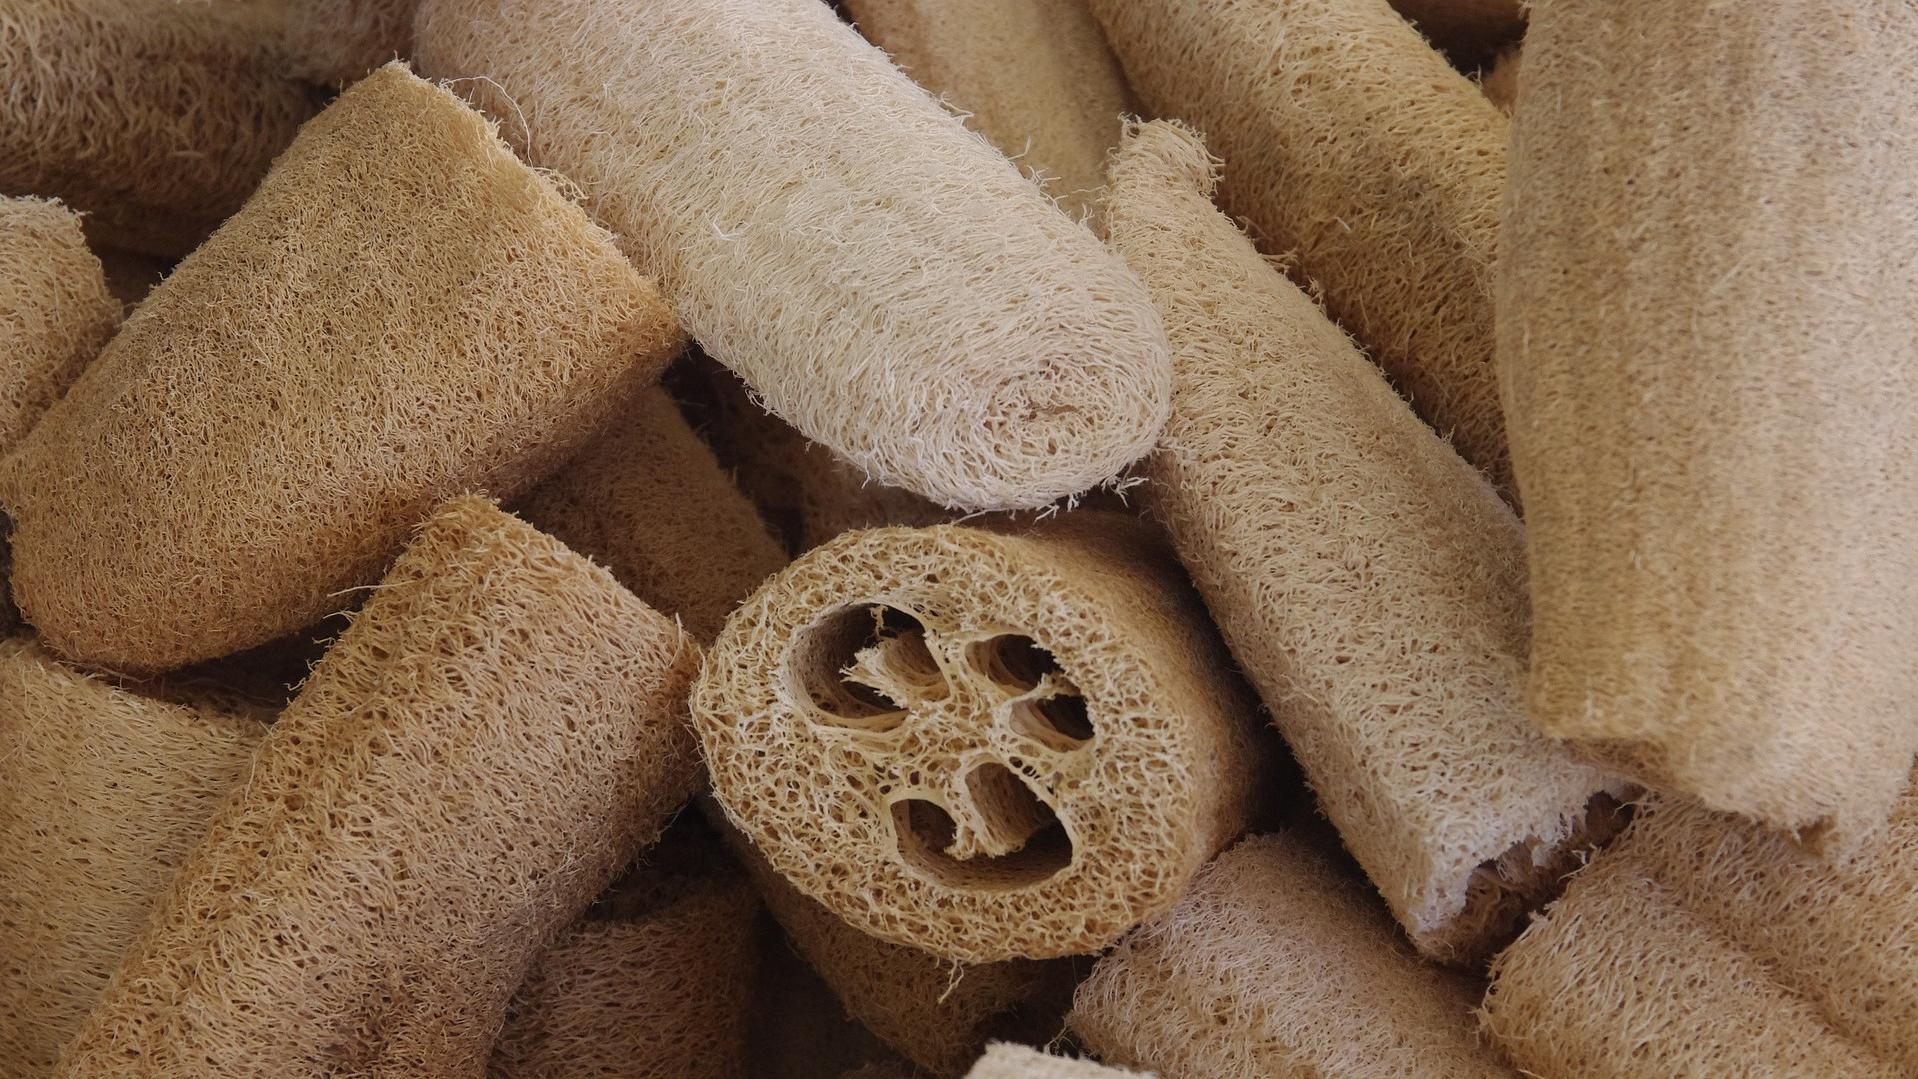 Luffa-Gurke selber anbauen: Mit etwas Glück und Geschick können Sie nach einiger Zeit die nachhaltigen Luffa-Schwämme ernten.